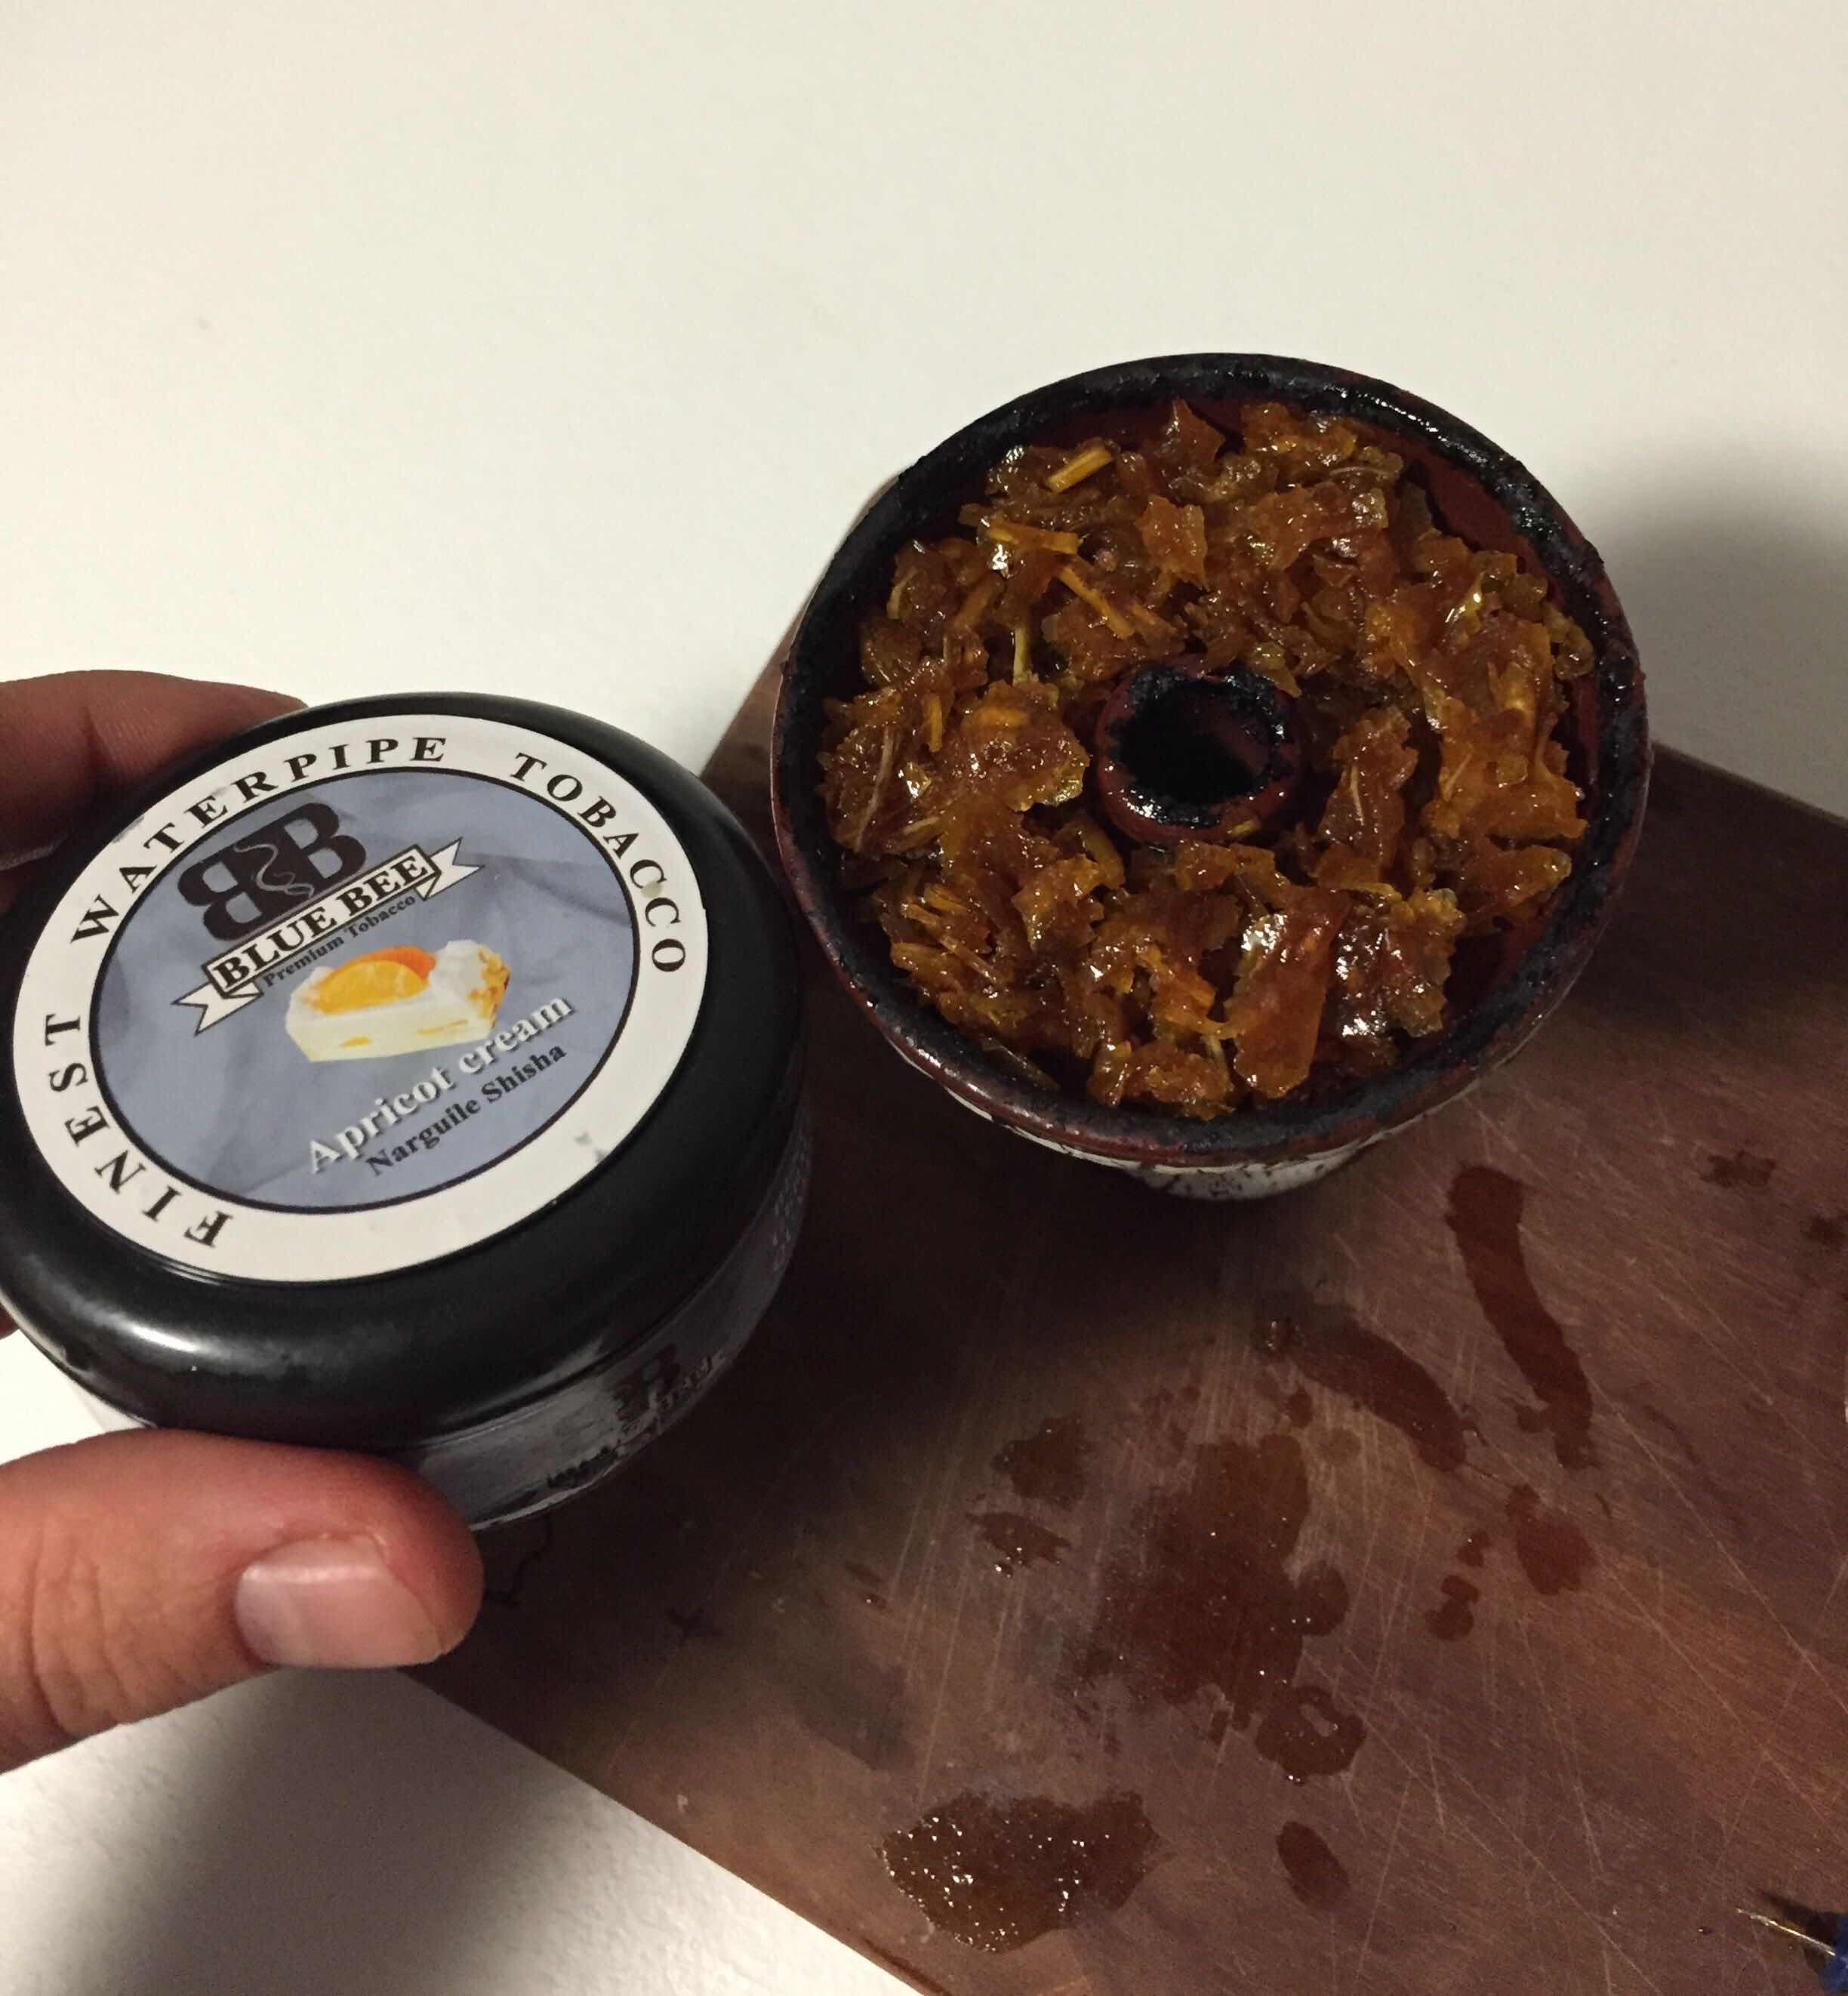 Сколько составляет срок годности табака для кальяна? можно ли использовать просроченный продукт?